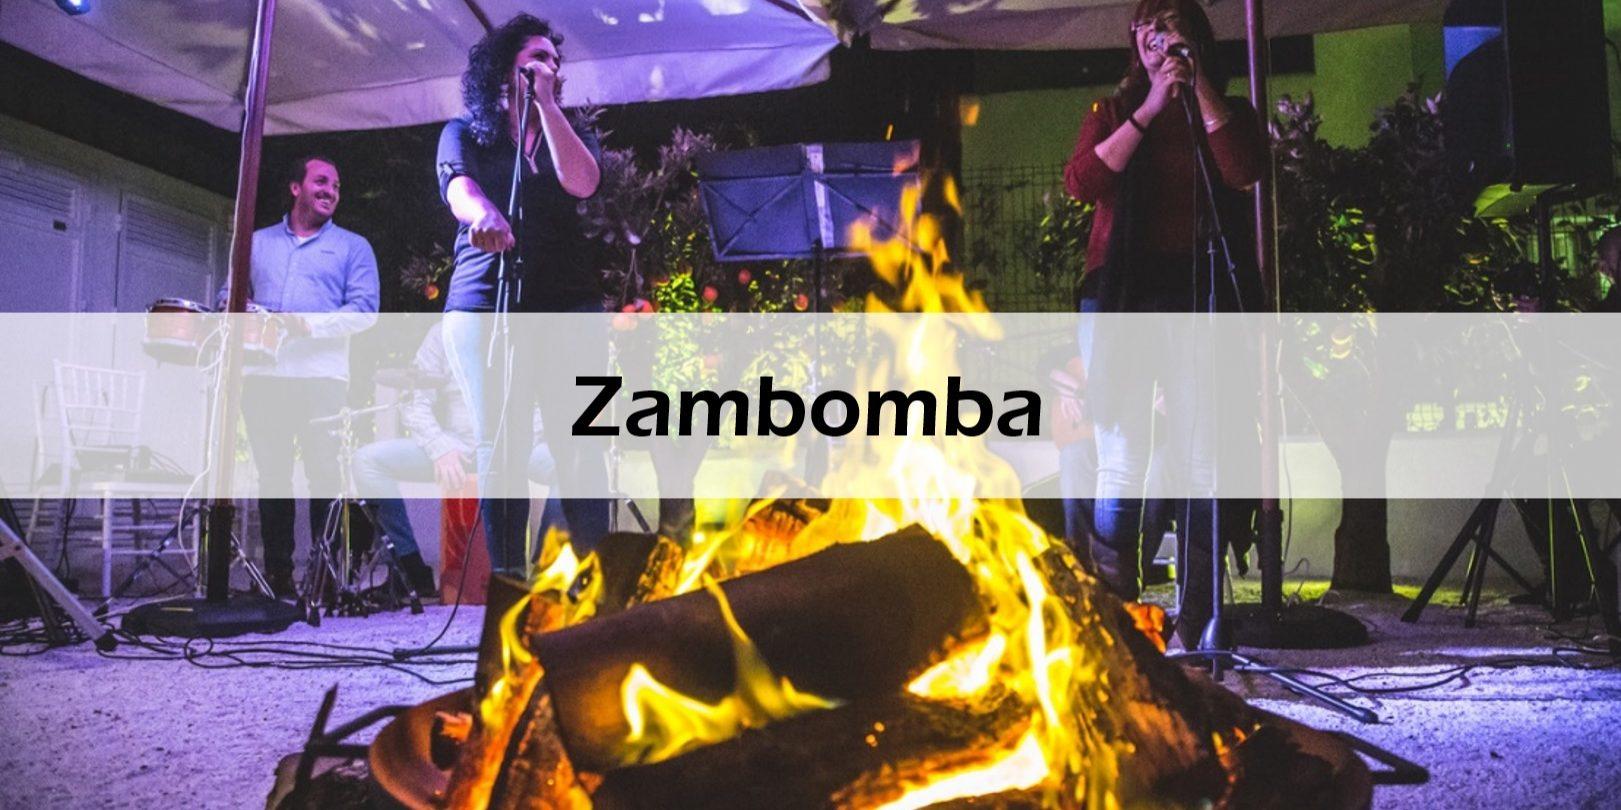 Zambomba 1